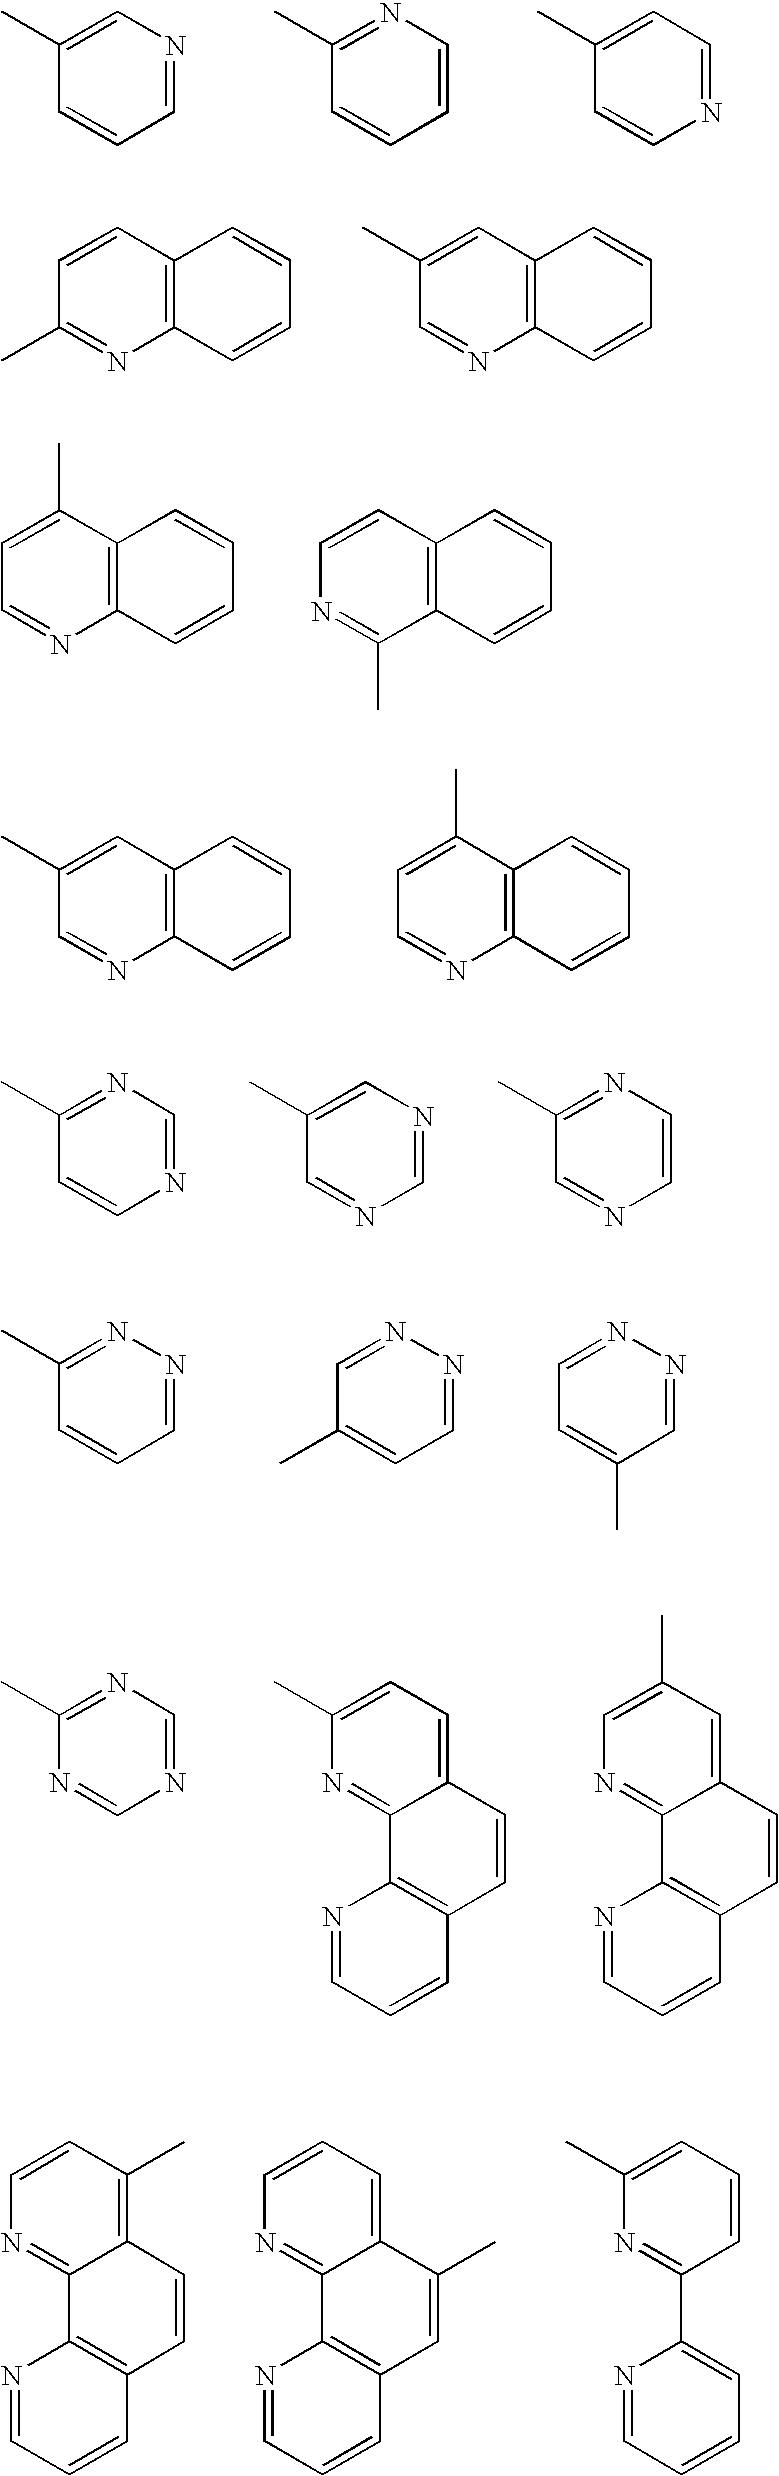 Figure US20100244677A1-20100930-C00018